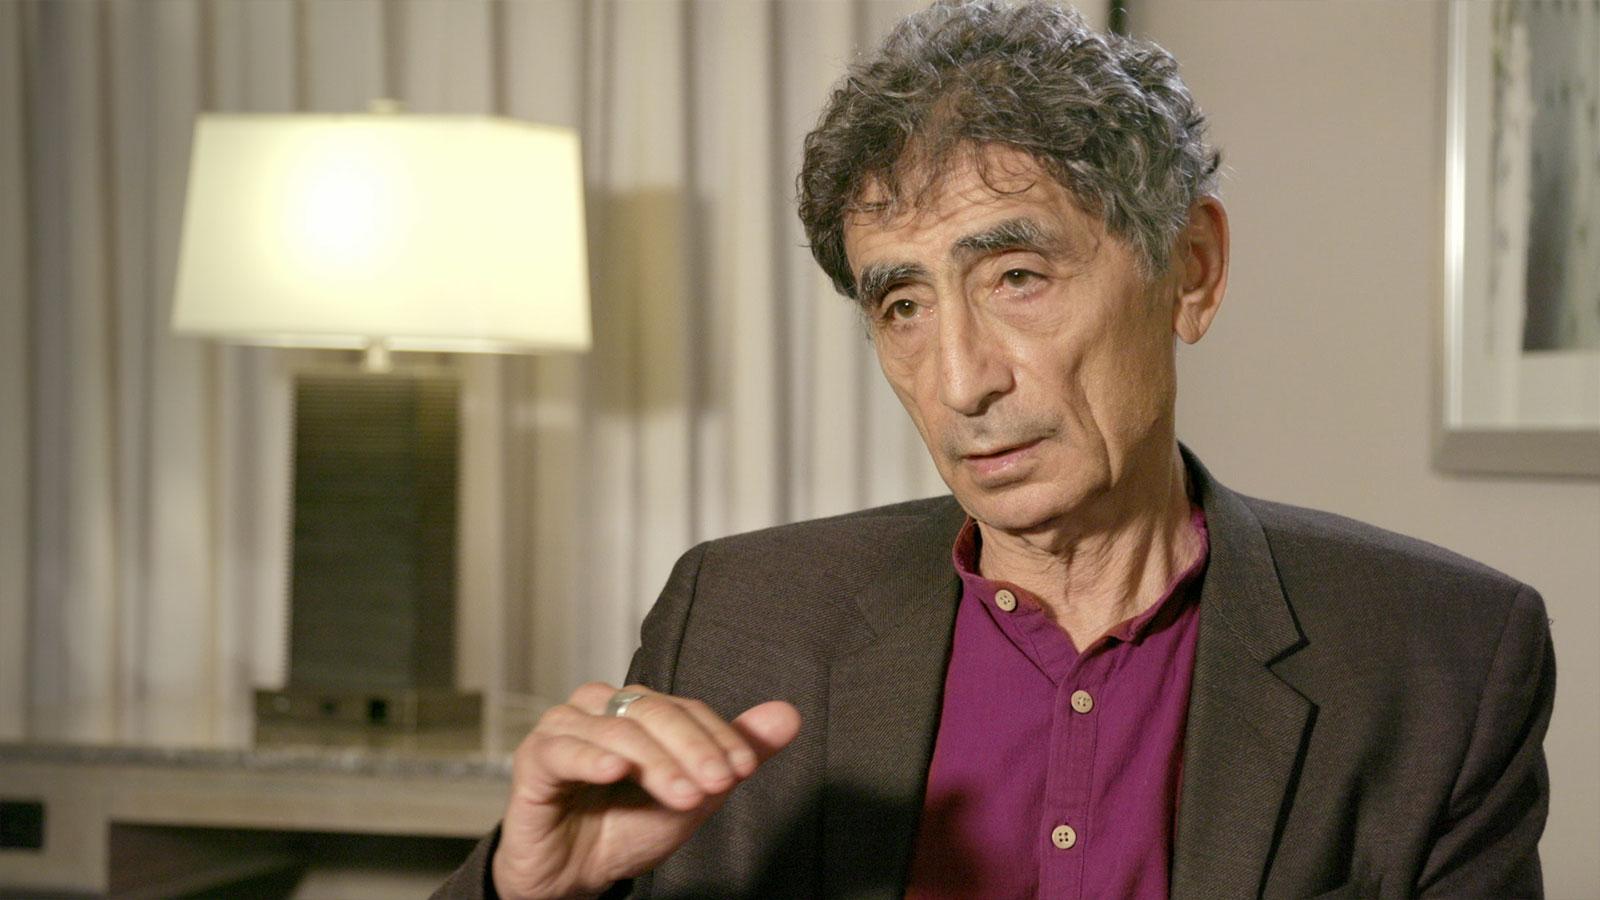 Gabor Maté, MD addiction author expert on trauma and ACE's